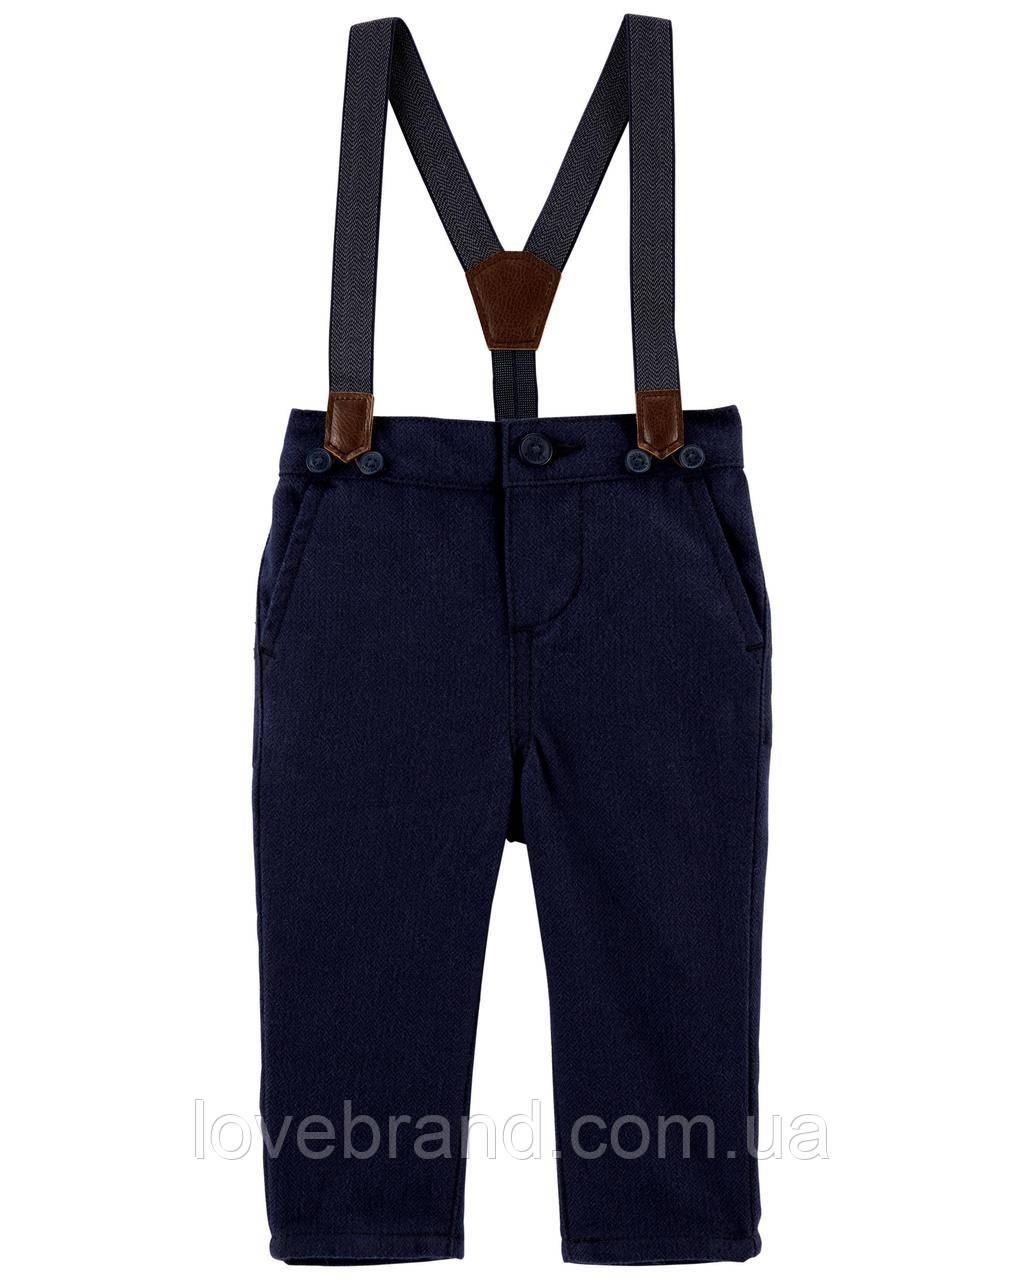 Штаны для мальчика OshKosh синие, брюки с подтяжками